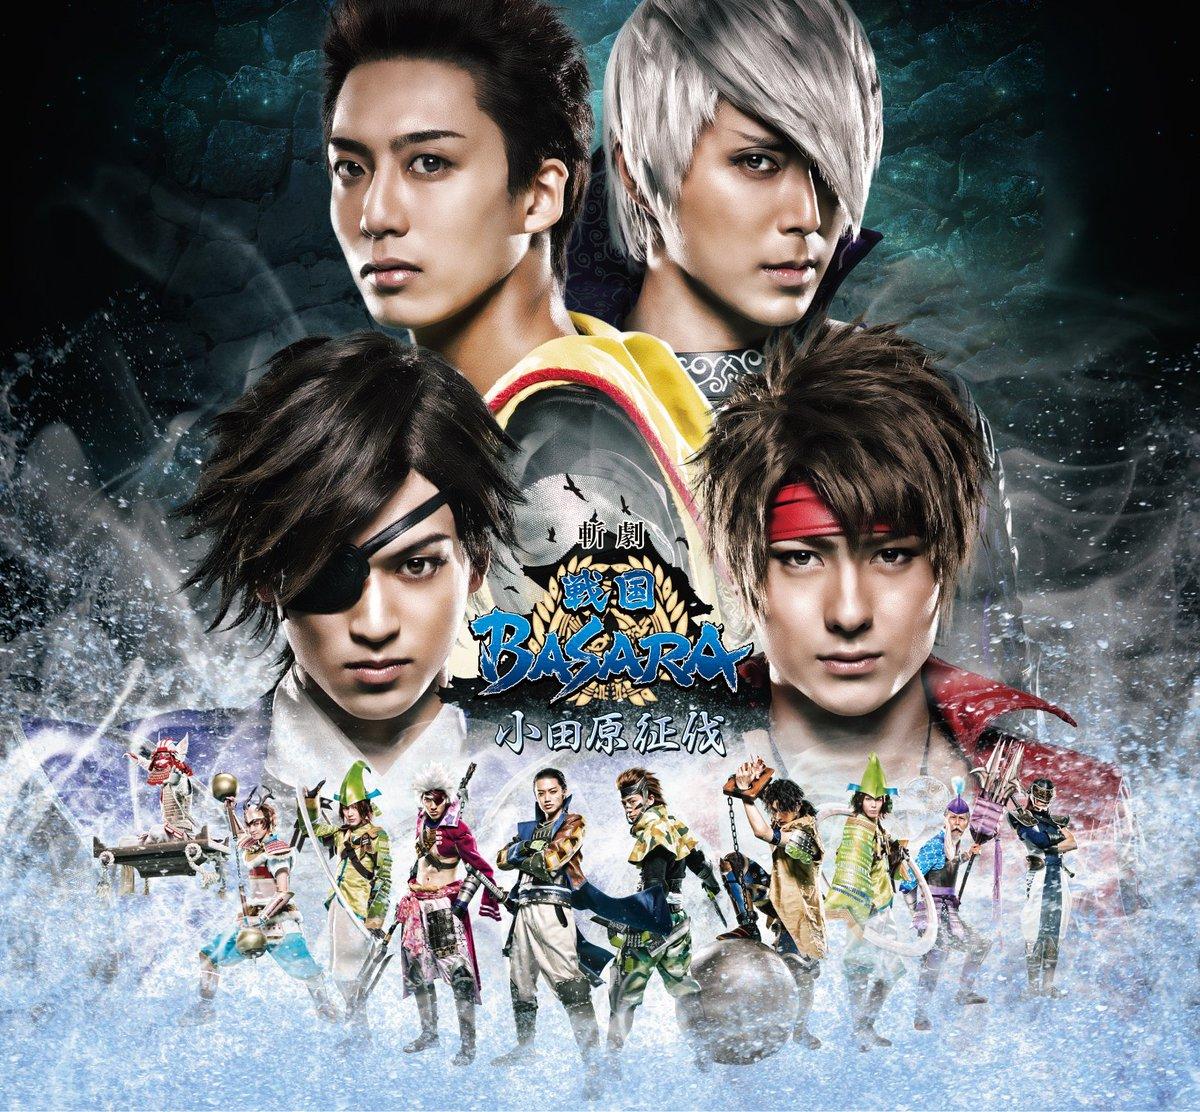 斬劇『戦国BASARA』小田原征伐、本日は19時開演の1回のみとなります!そしてゲストにやってくるのは後藤又兵衛!終演後